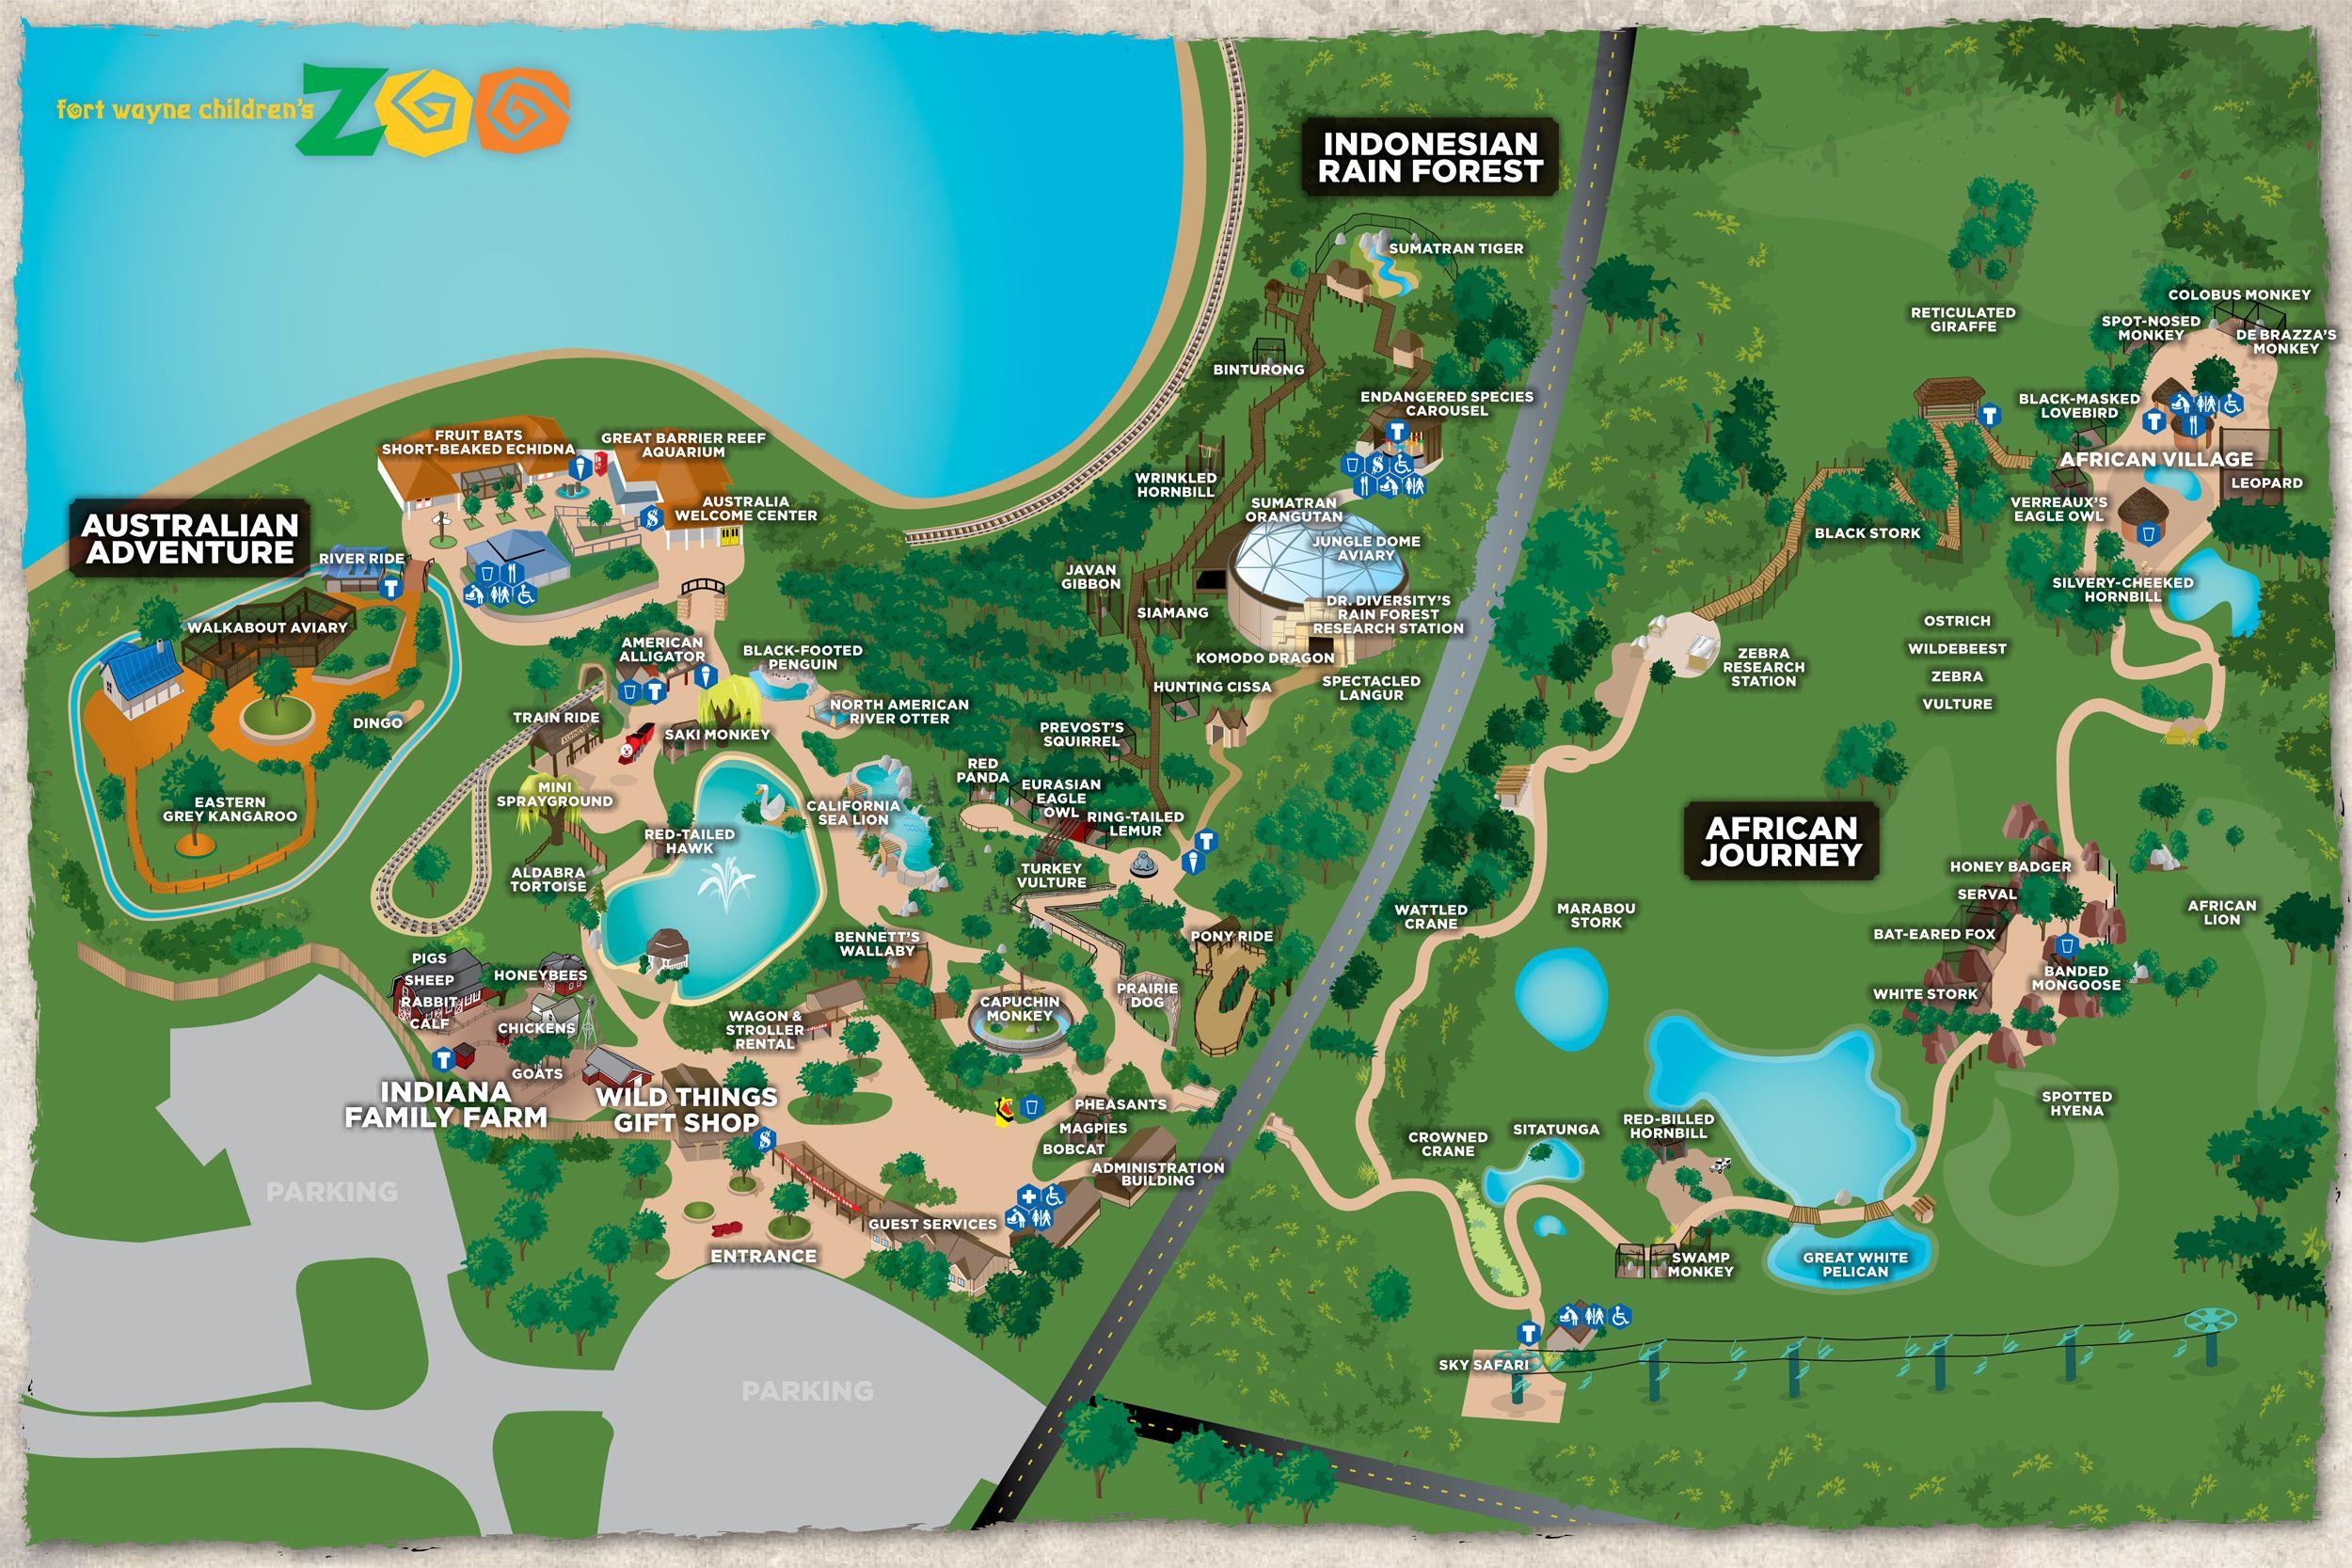 Fort Wayne Children s Zoo Interactive Map